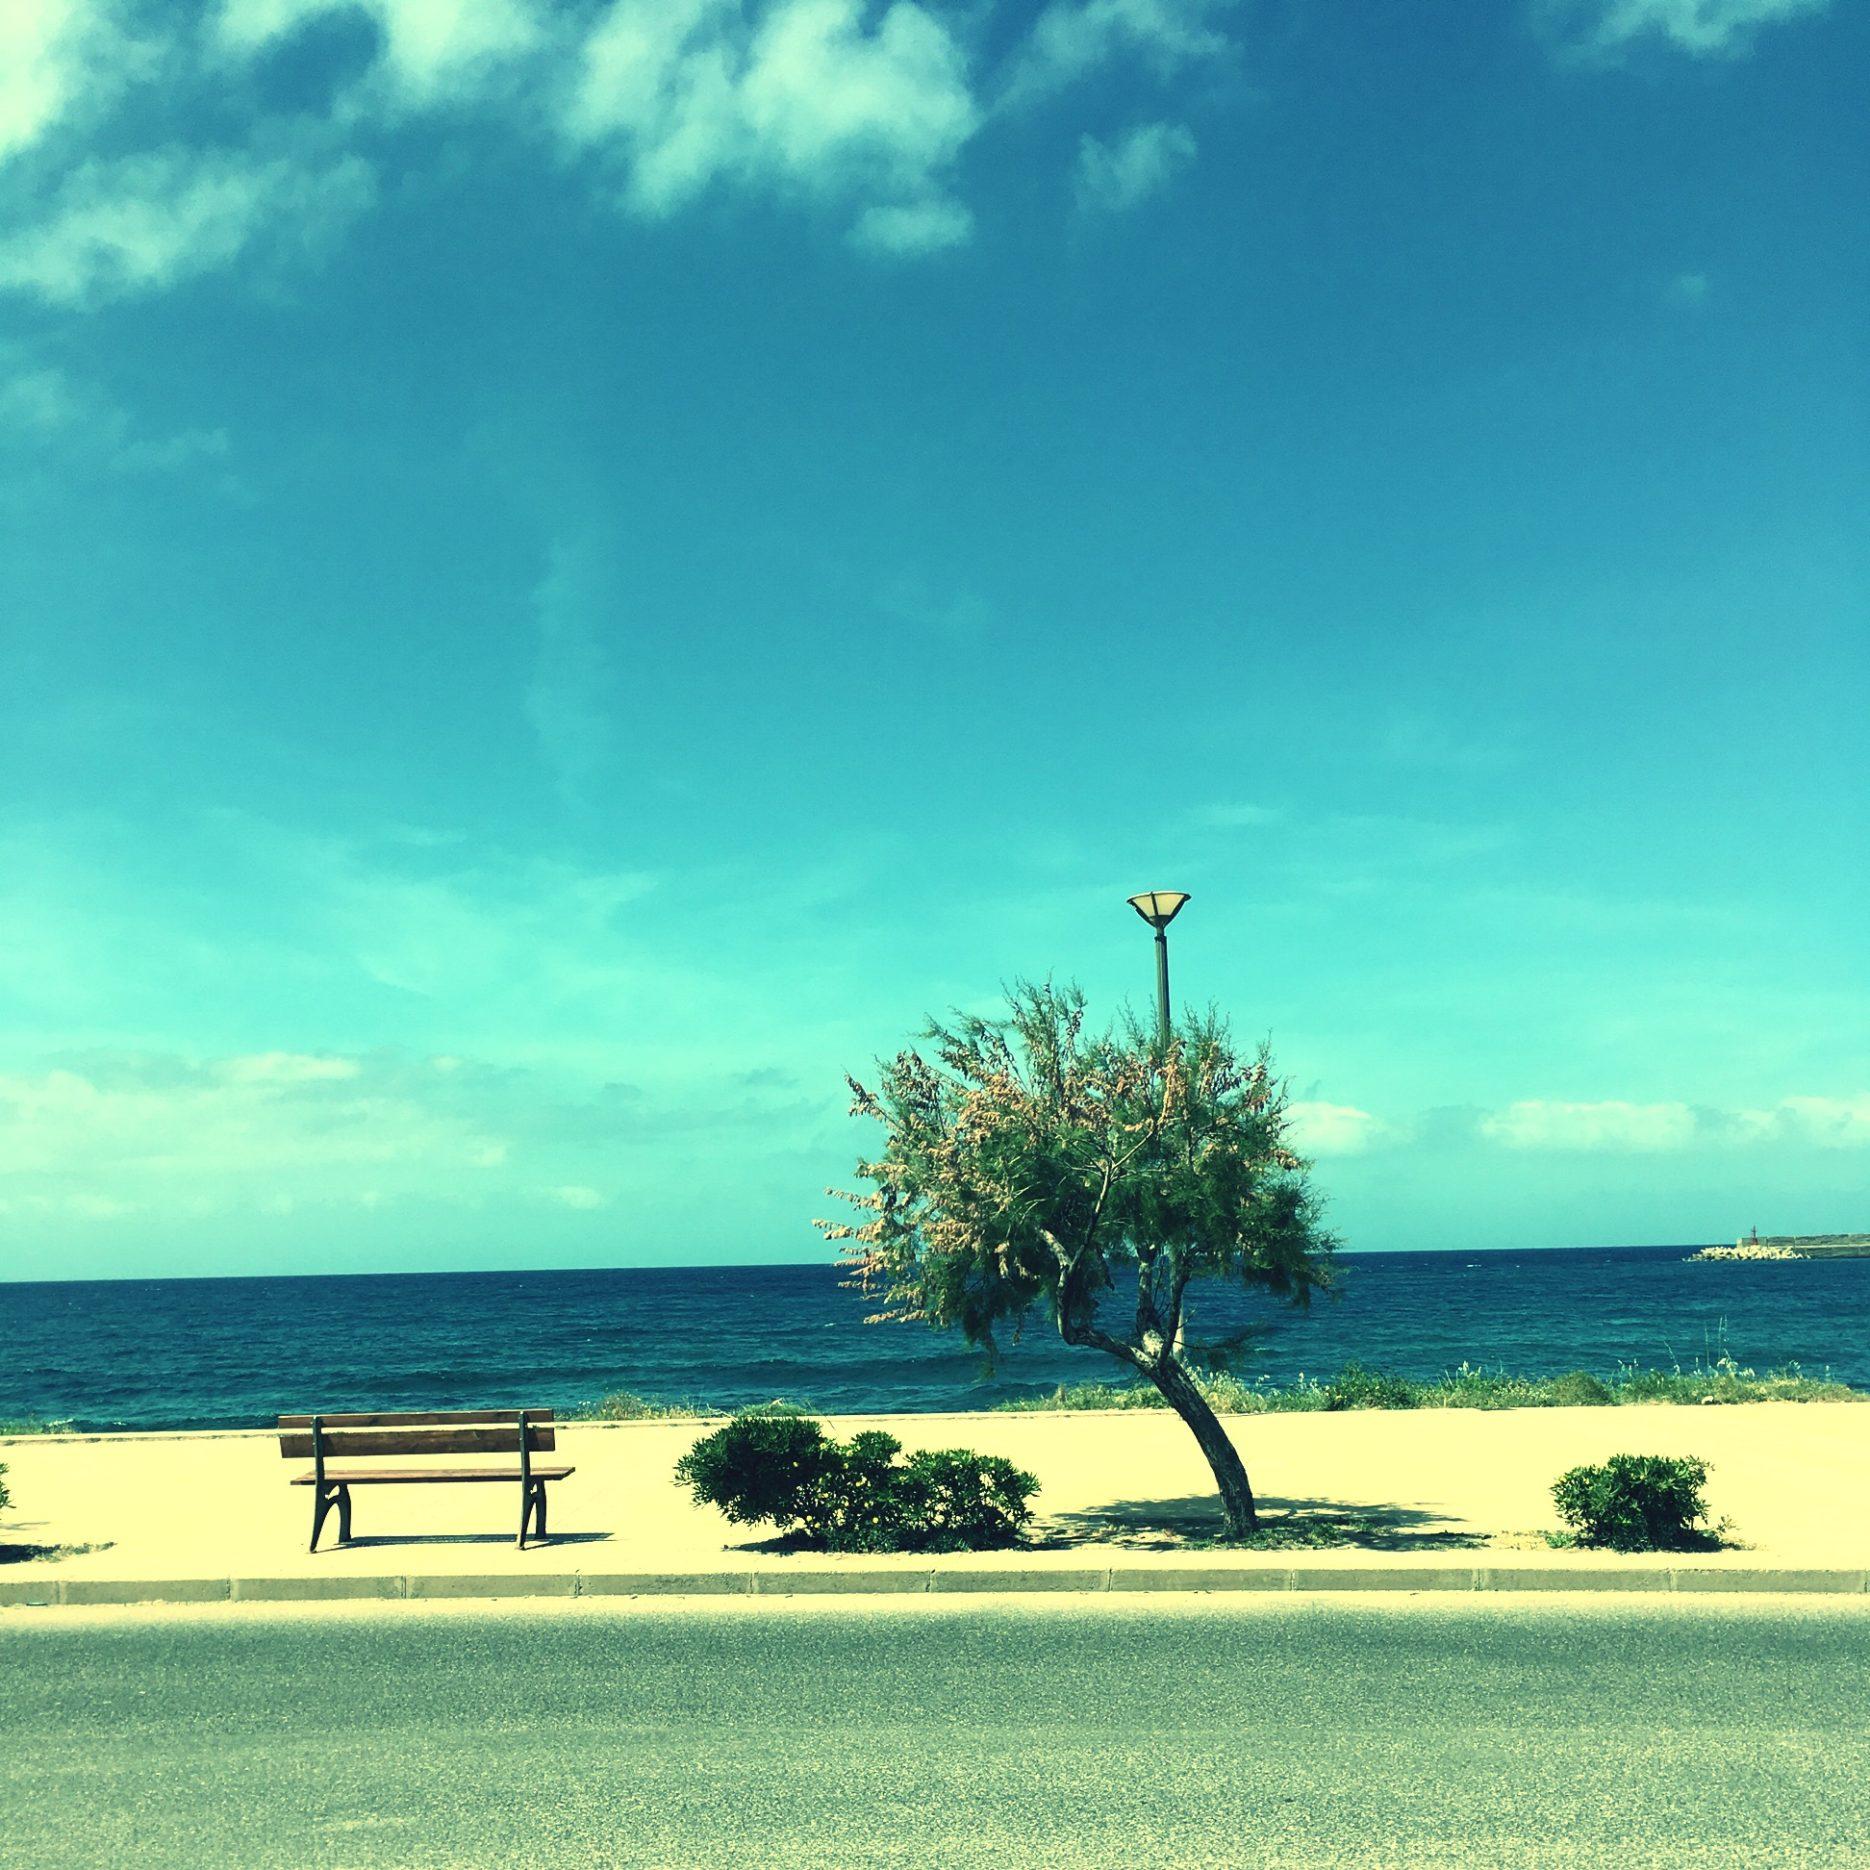 05.09.17 Sardegna Bosa Marina